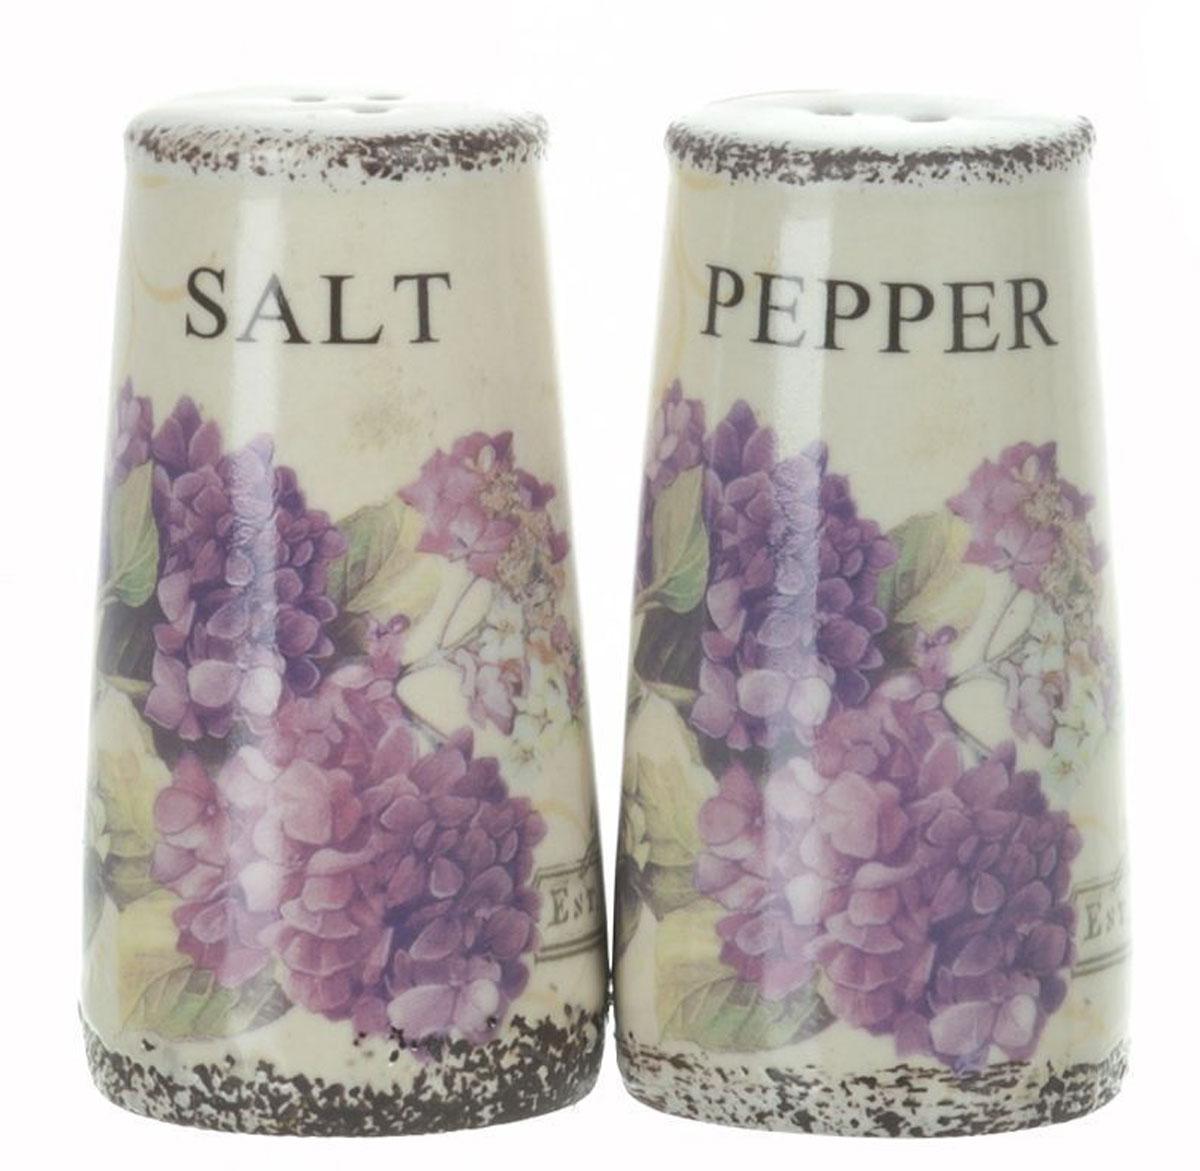 Набор для специй ENS Group Гортензия, 2 предметаV9135Набор для соли и перца, выполненный из керамики, благодаря своим компактным размерам не займет много места на вашей кухне. Солонка и перечница декорированы оригинальным рисунком.Набор для соли и перца станет отличным подарком каждой хозяйке.Диаметр емкости: 4,5 см.Высота емкости: 9 см.